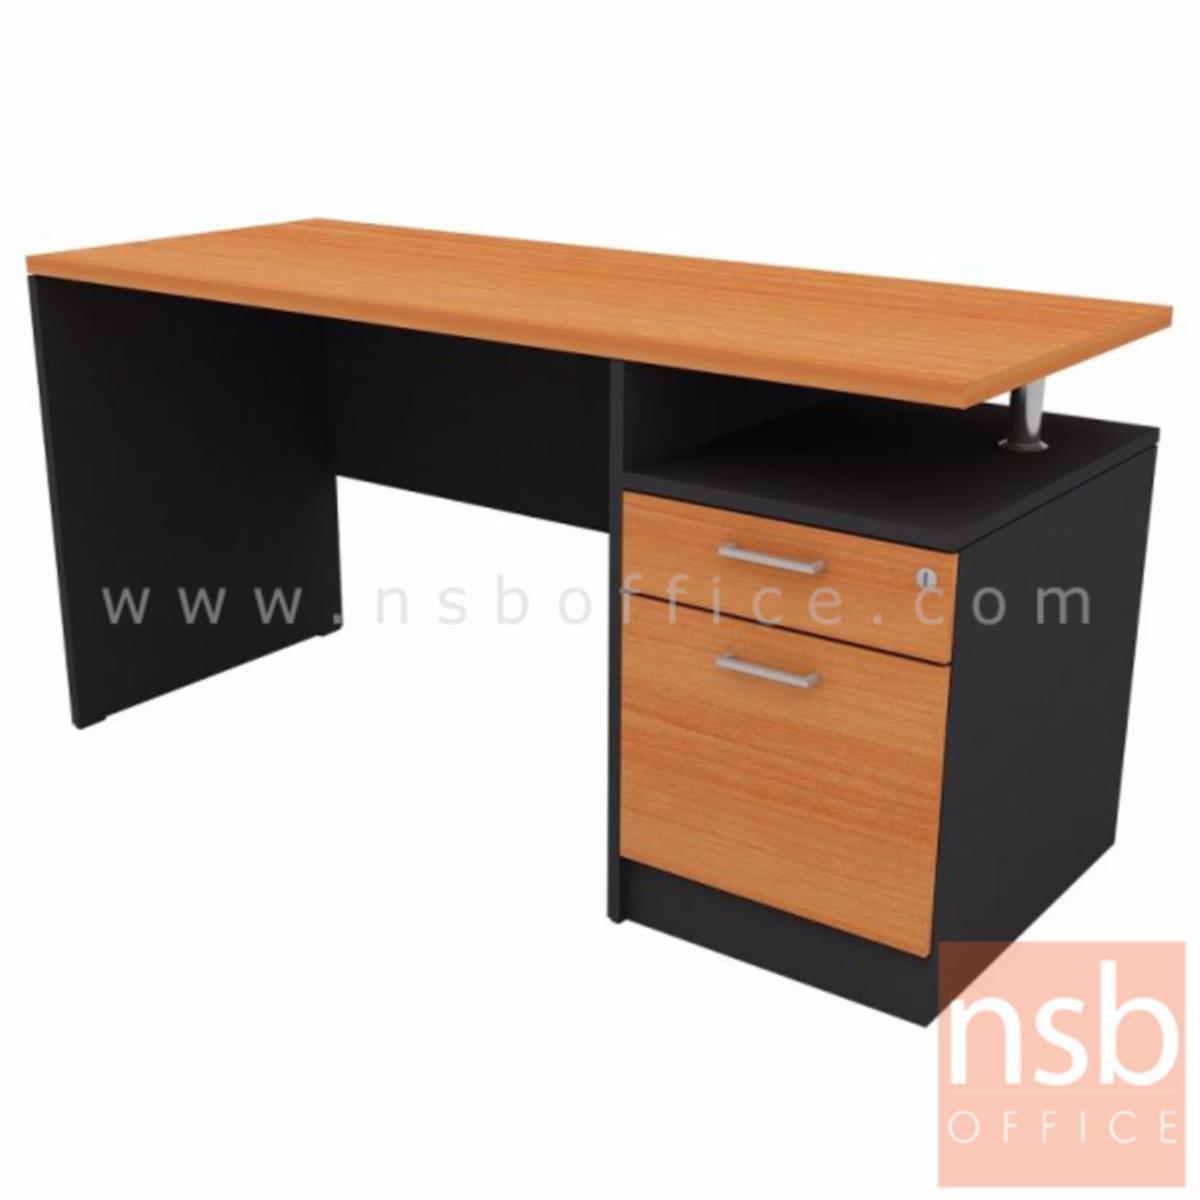 โต๊ะทำงาน 2 ลิ้นชัก รุ่น PS-006 ขนาด 150W cm. เมลามีน